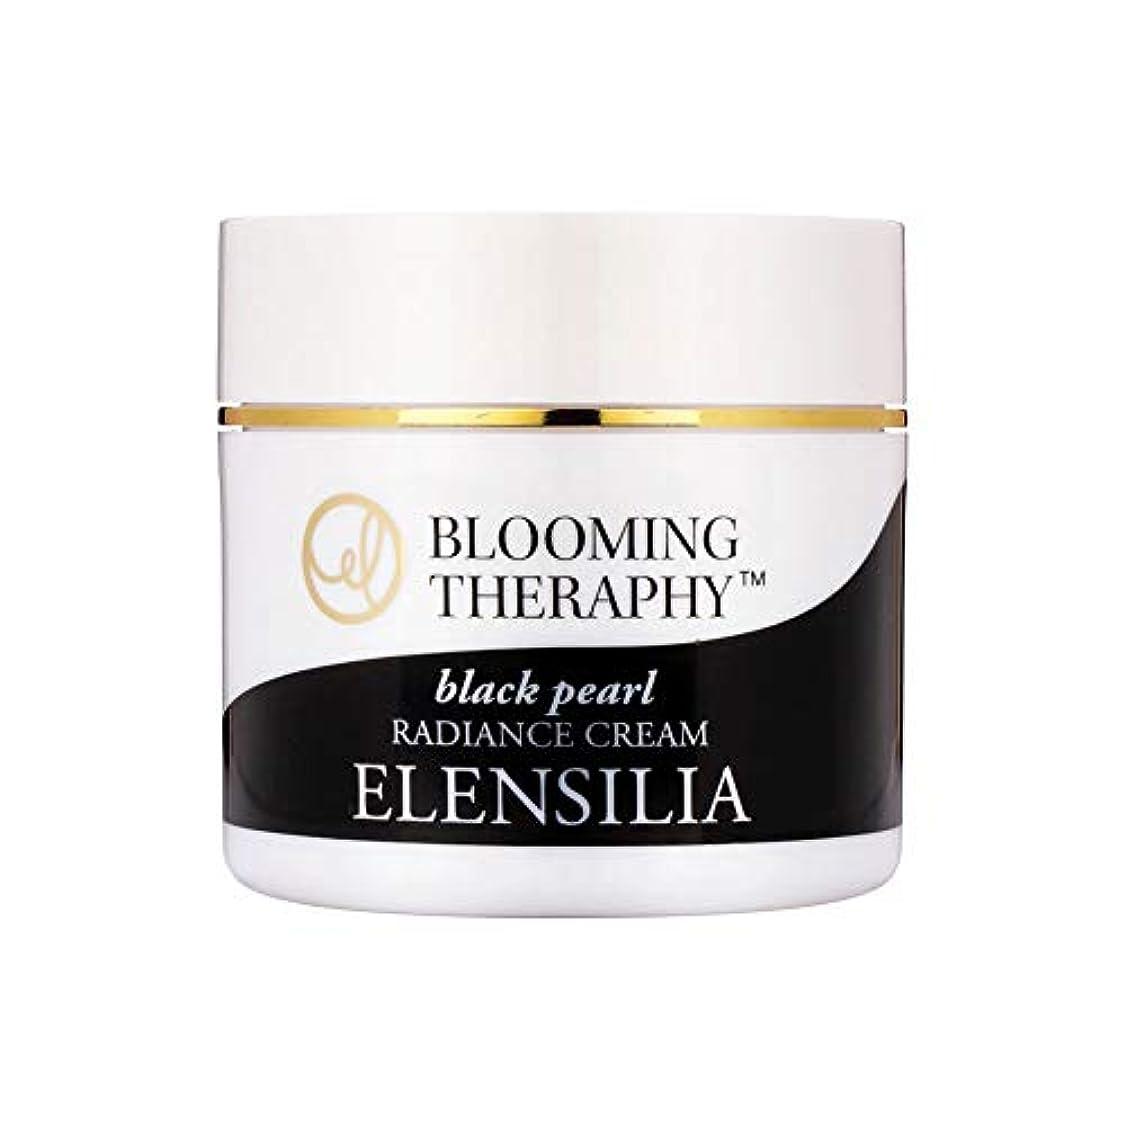 フォアタイプ配列見習いエルレンシルラElensilia 韓国コスメ ブルーミングセラピー黒真珠ラディアンスクリーム50g 海外直送品 Blooming Theraphy Black Pearl Radiance Cream [並行輸入品]